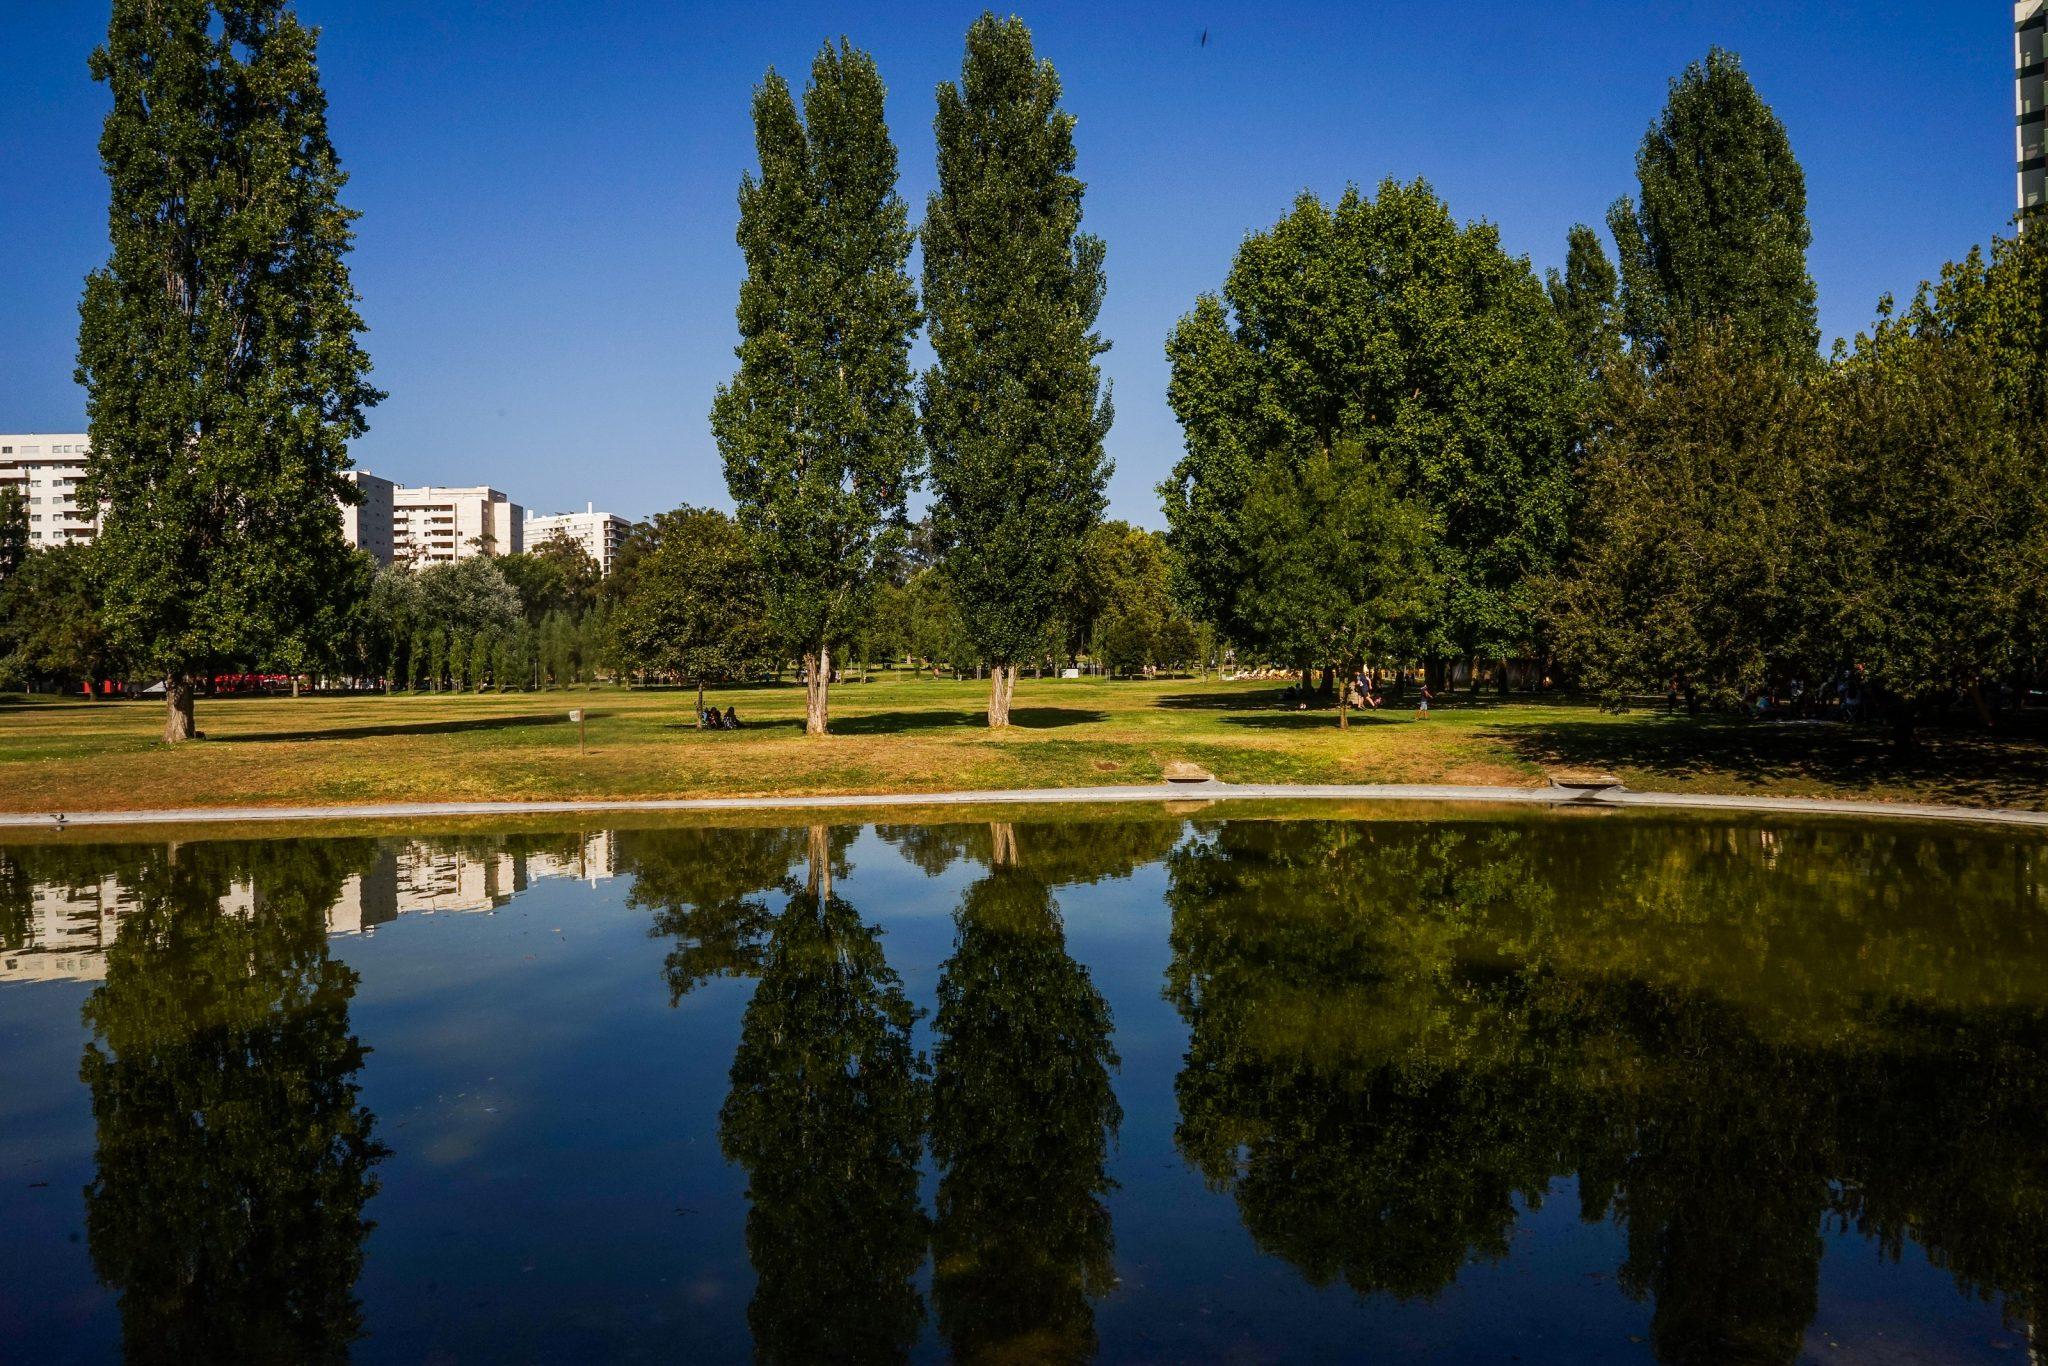 Jardim com árvores e lago